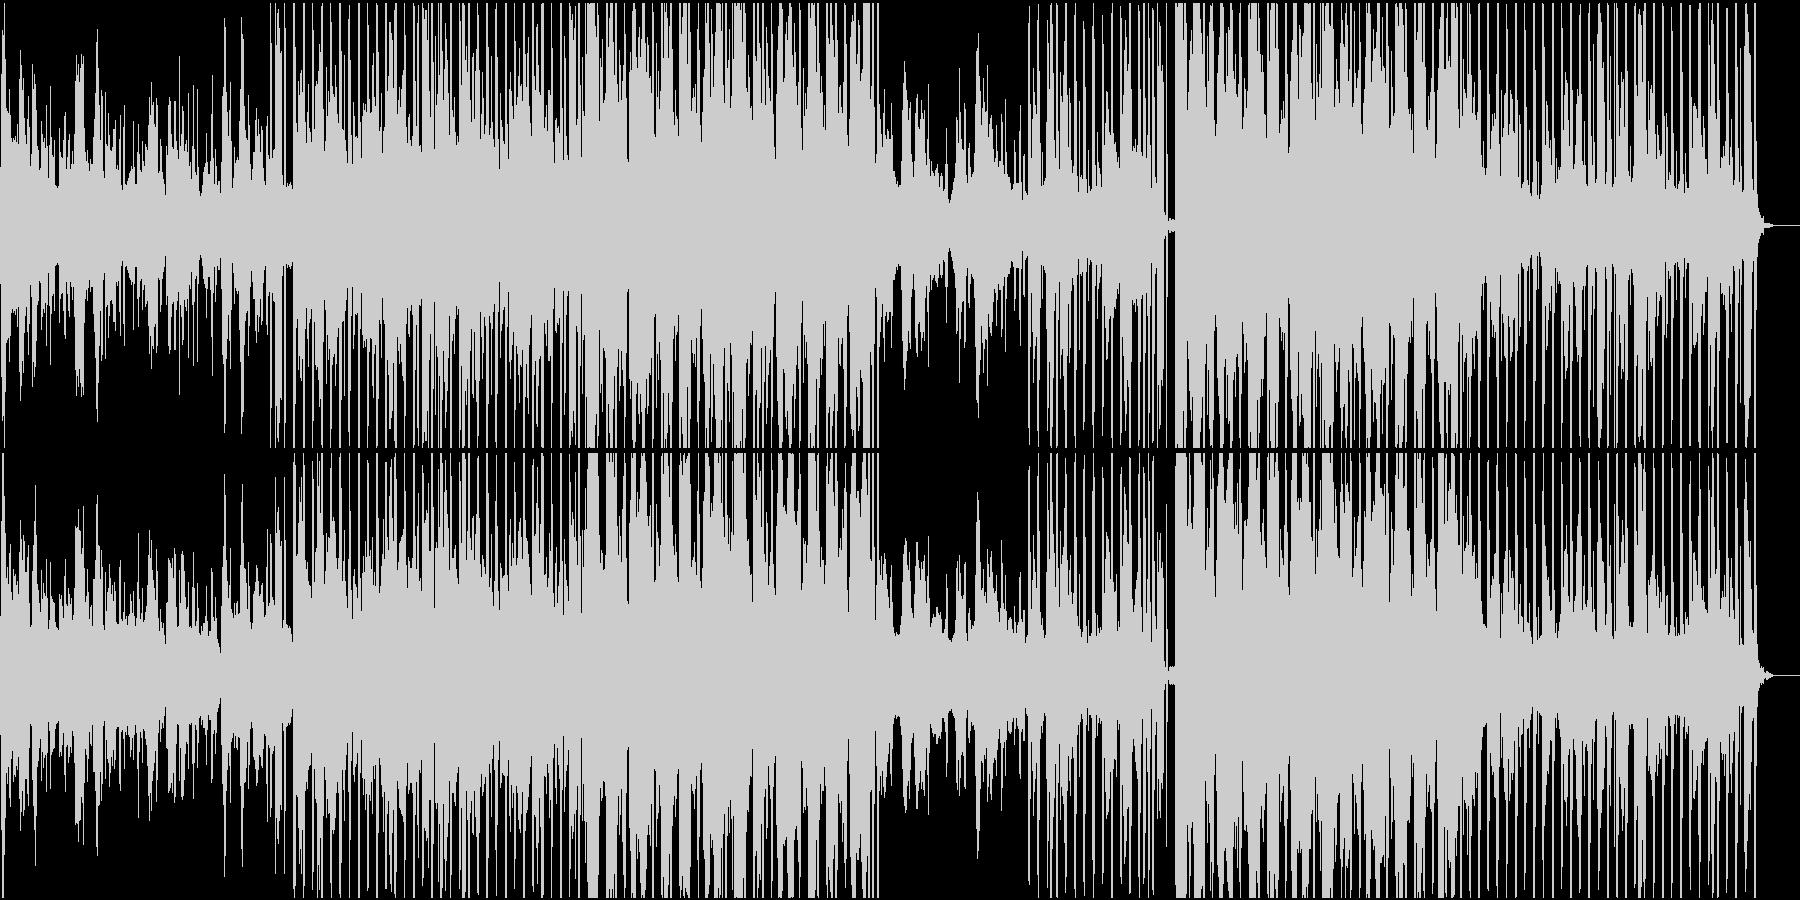 少し怪しげなシンセウェーヴの未再生の波形